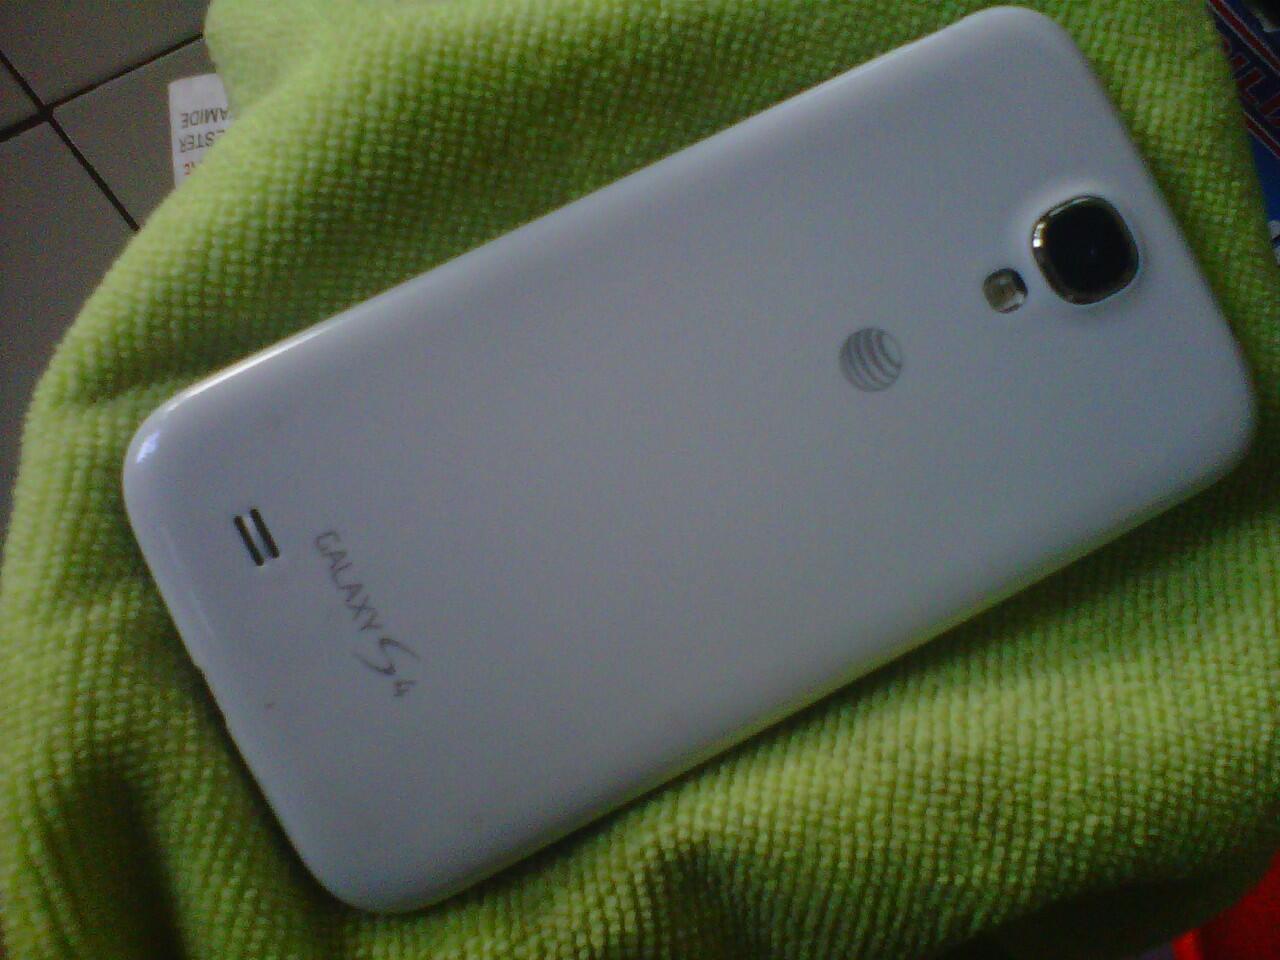 Samsung S4 At&t, 4G LTE, ram 2Gb, Quad Core, Kamera 13Mpx - Surabaya